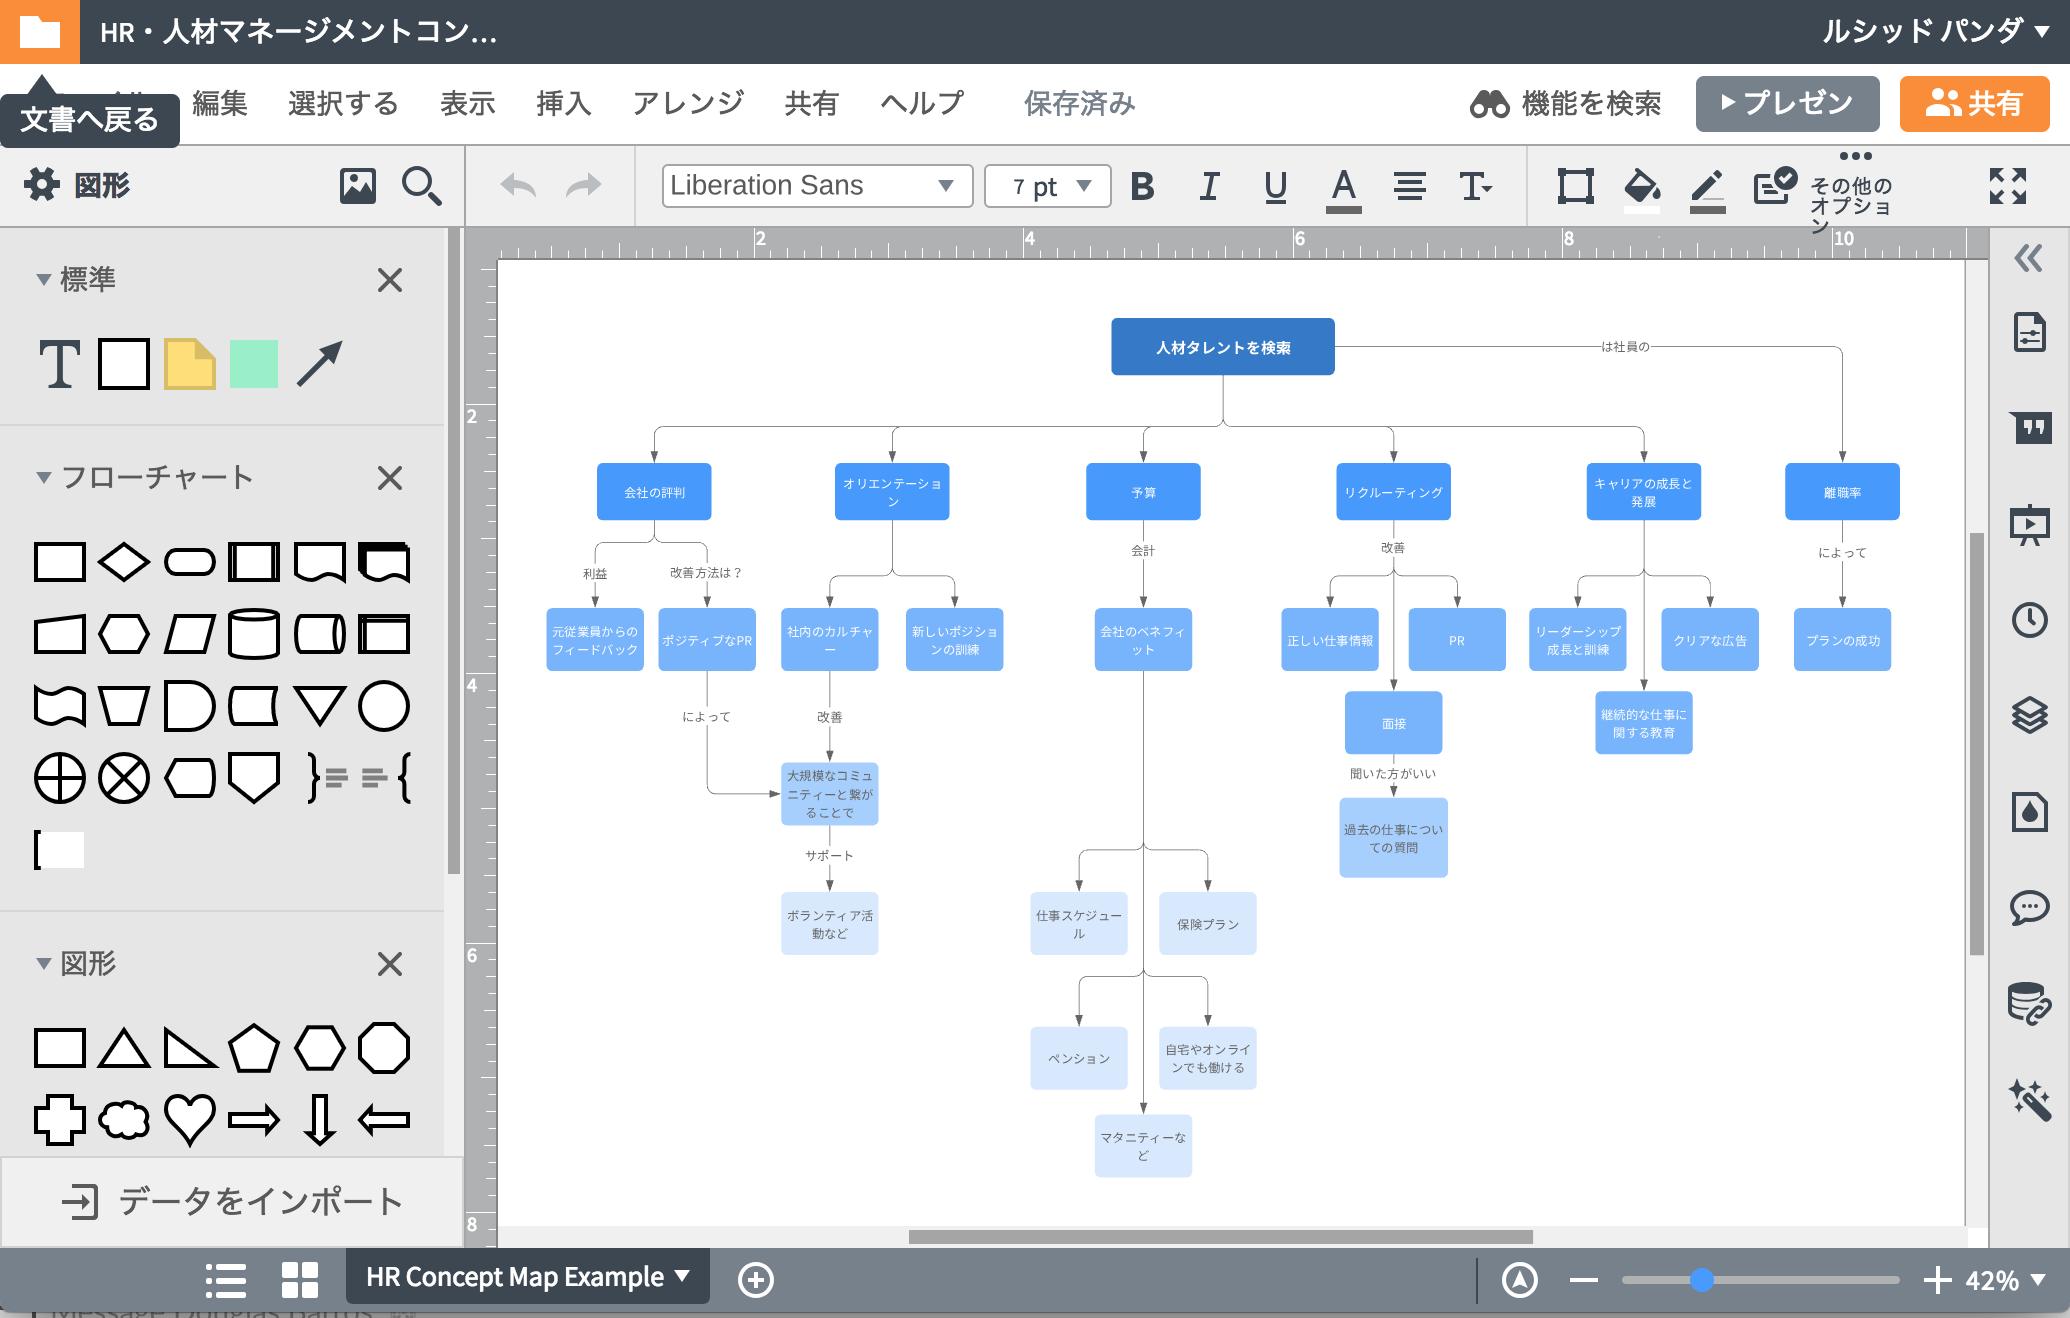 複雑な関係をコンセプトマップメーカーで視覚化させる